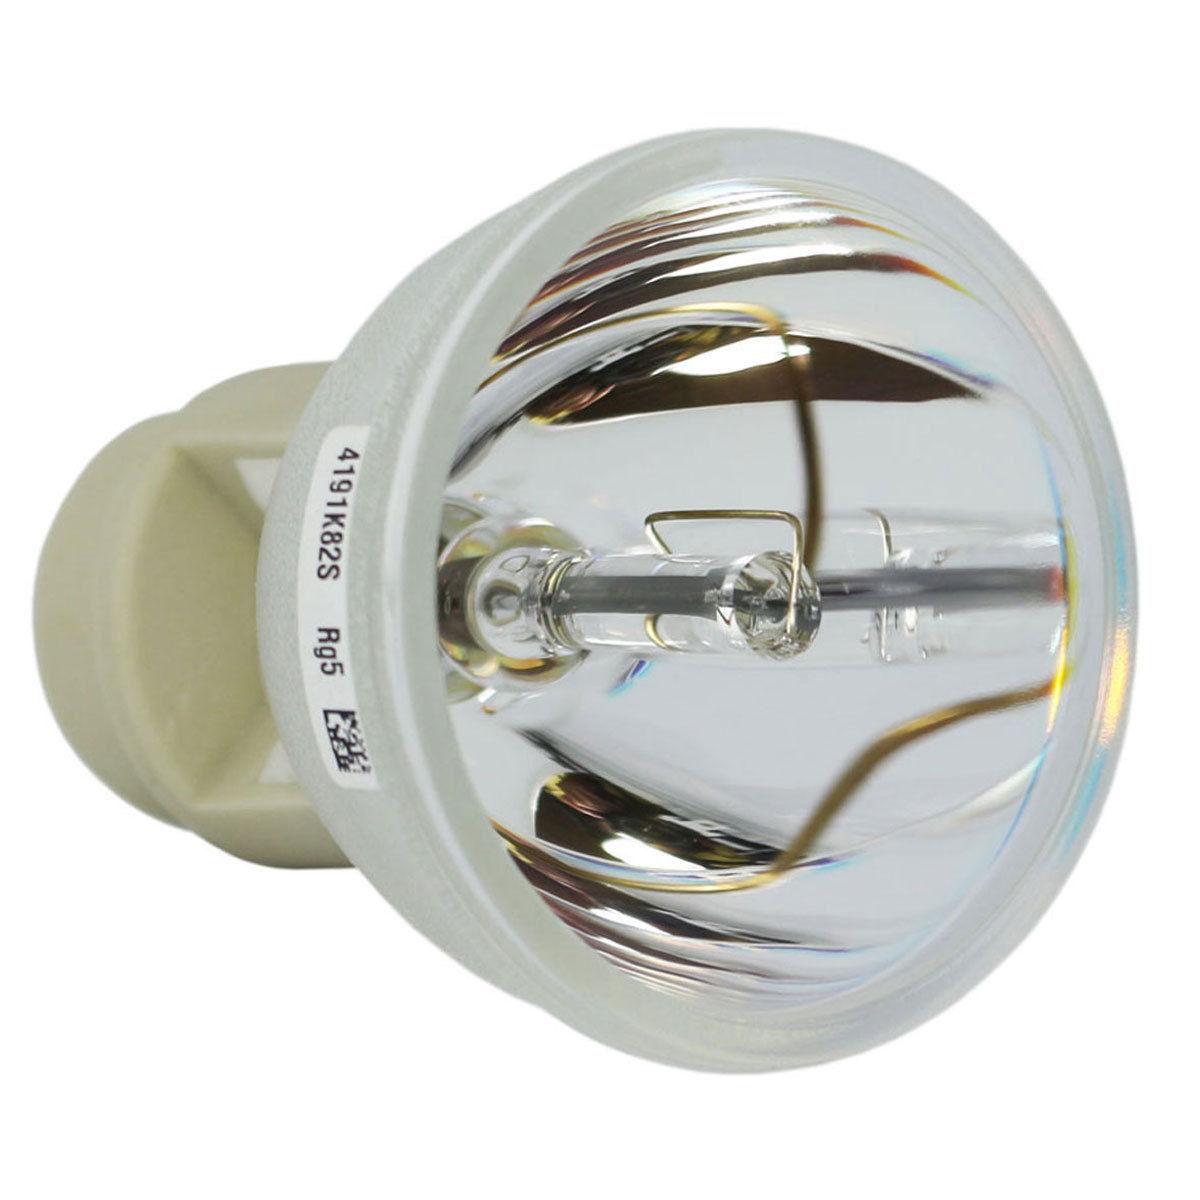 RLC-094 RLC094 for VIEWSONIC PJD6250L PJD6252L PJD6550W PJD6550WLS PJD7730HDL PJD7825HD PJD7835HD Projector Lamp Bulb Without rlc 094 rlc094 for viewsonic pjd6250l pjd6252l pjd6550w pjd6550wls pjd7730hdl pjd7825hd pjd7835hd projector bulb lamp